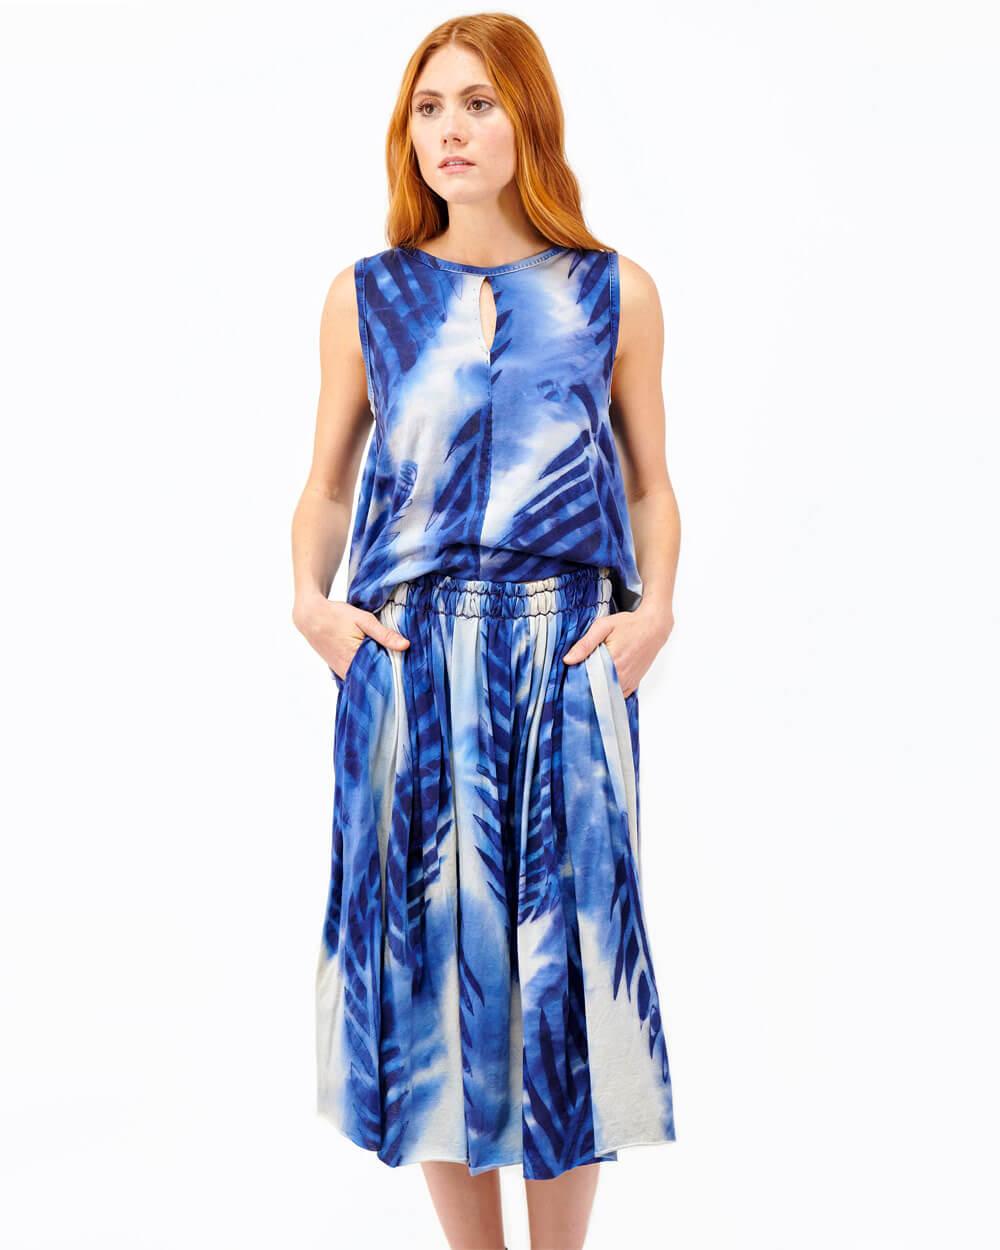 Alabama Chanin slow fashion collection 2020